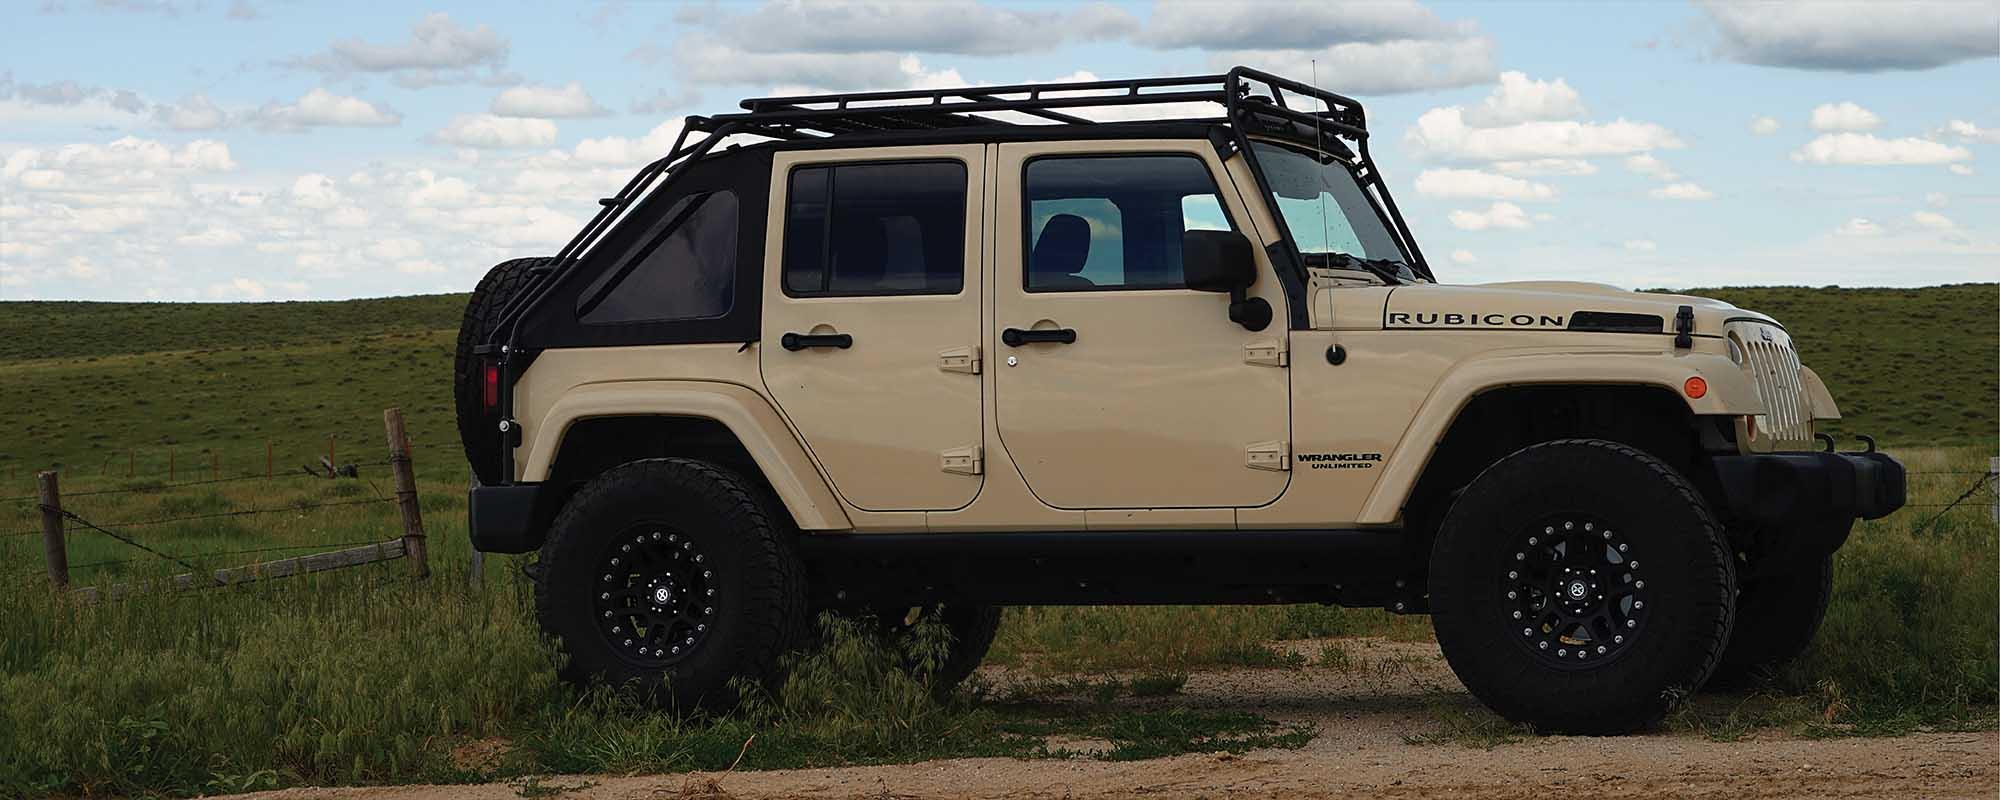 Aev Roof Rack gobi-roof-racks-jeep-wrangler-jk45-stealth-rack-side ...